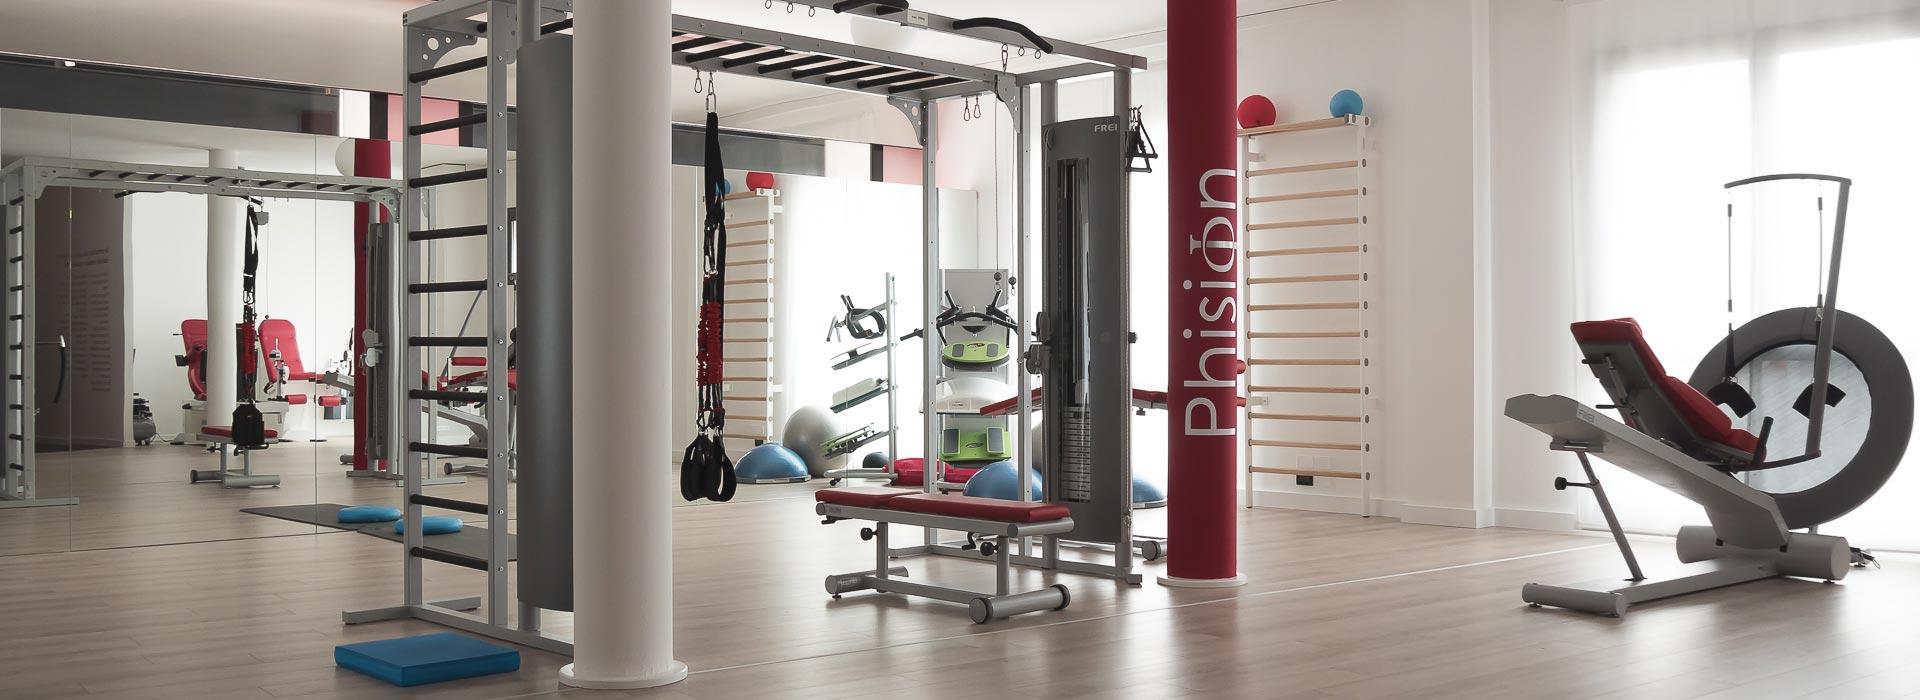 studio-fisioterapia-preganziol-phision-1